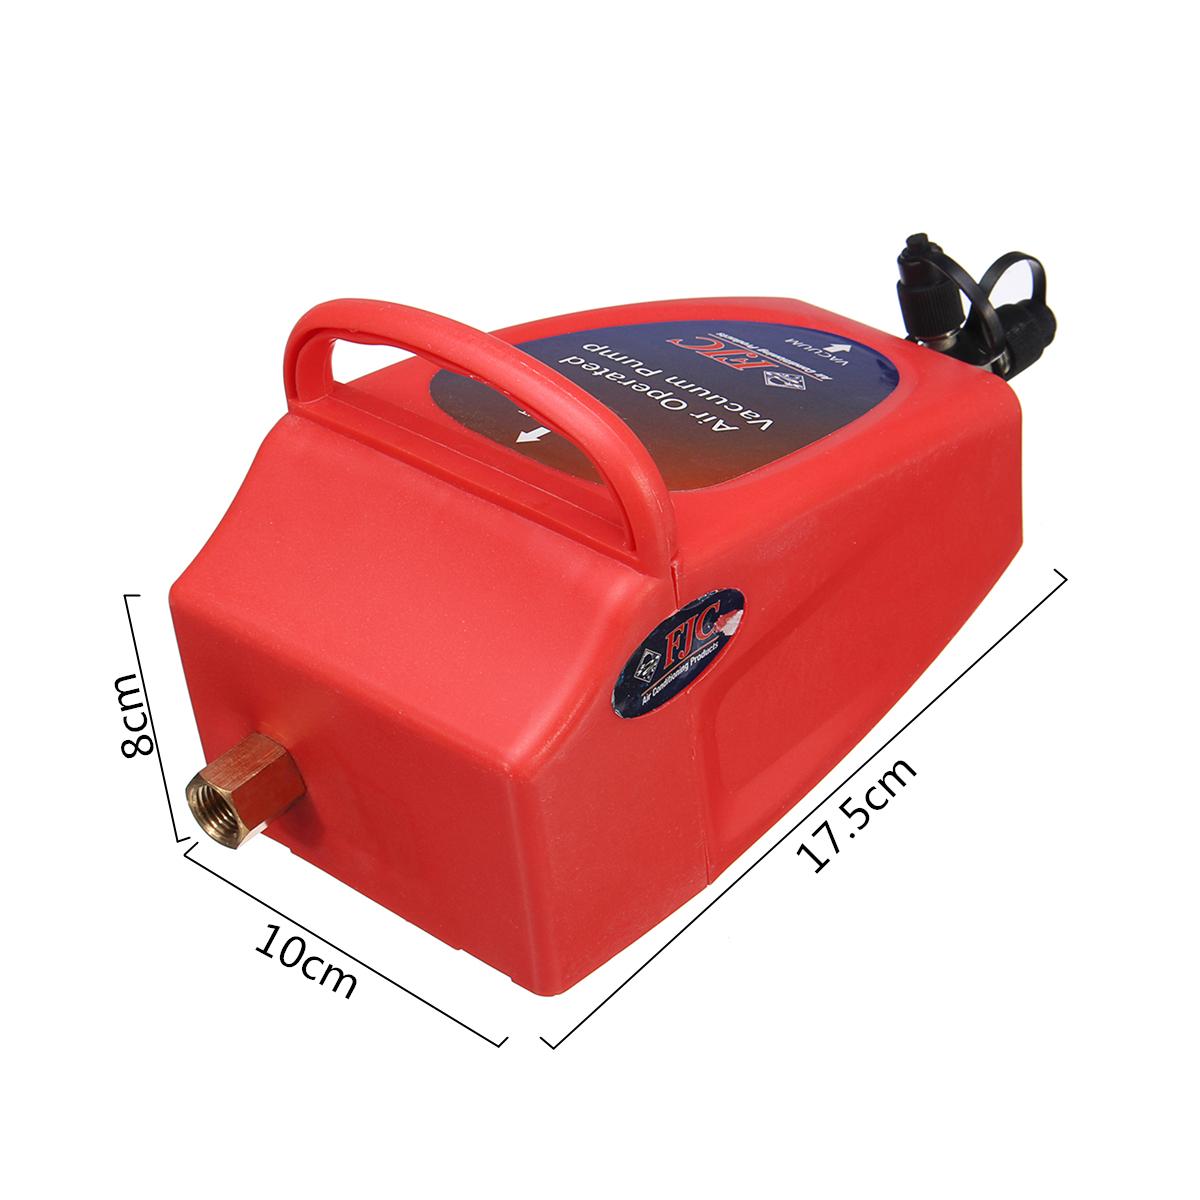 1501080 Pompe à eau réfrigérant Pompe Force Automotive